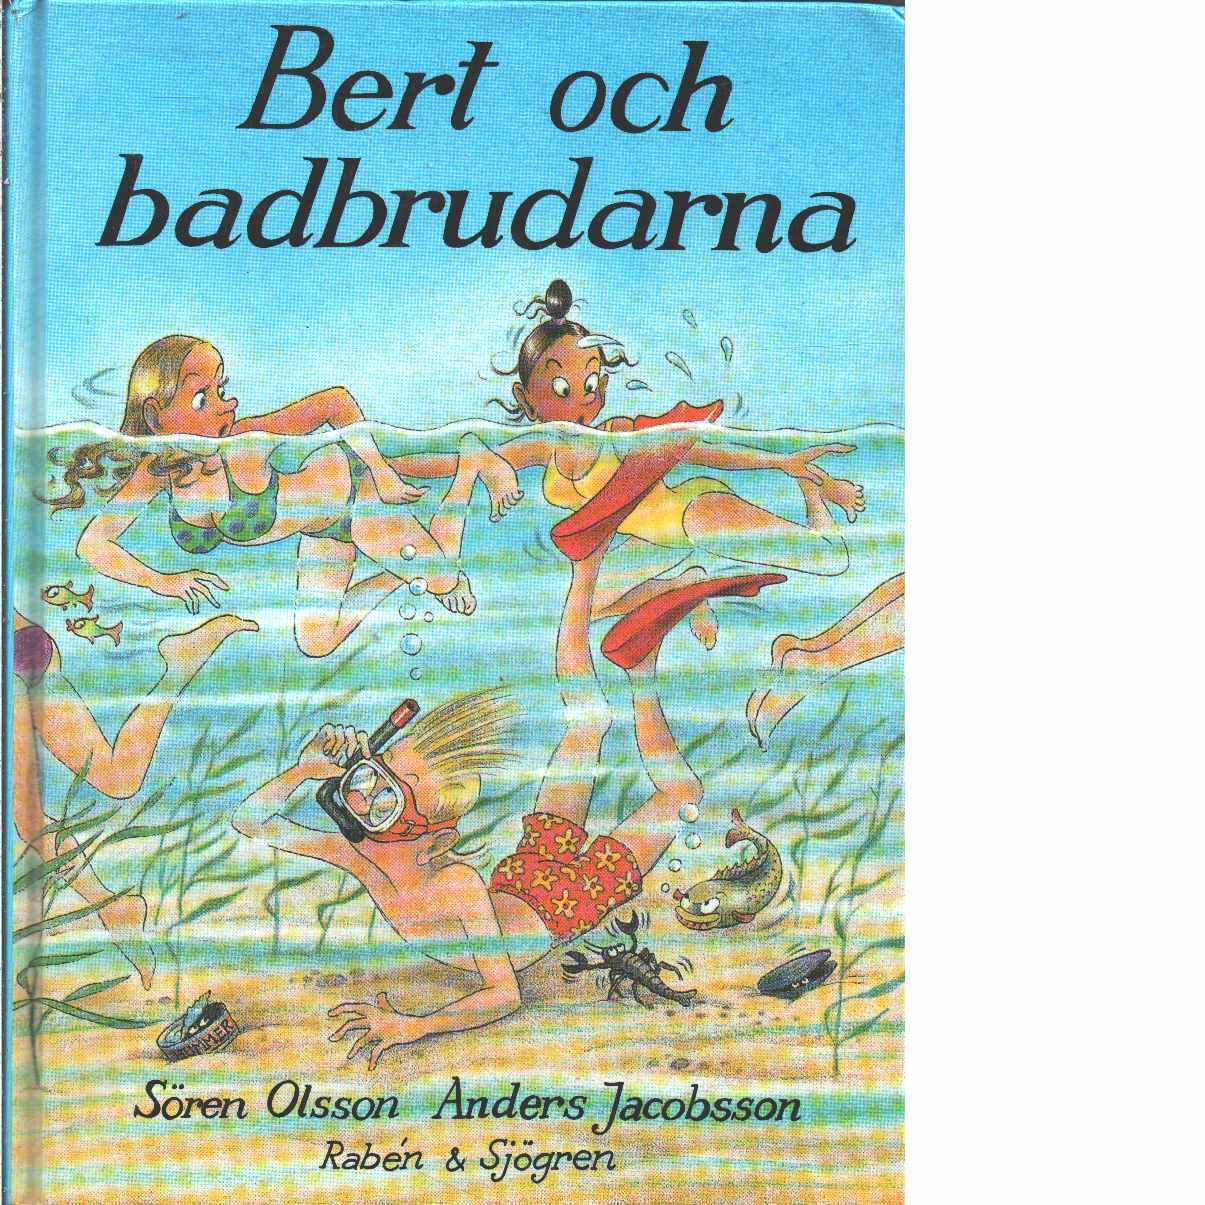 Bert och badbrudarna - Olsson, Sören och Jacobsson, Anders